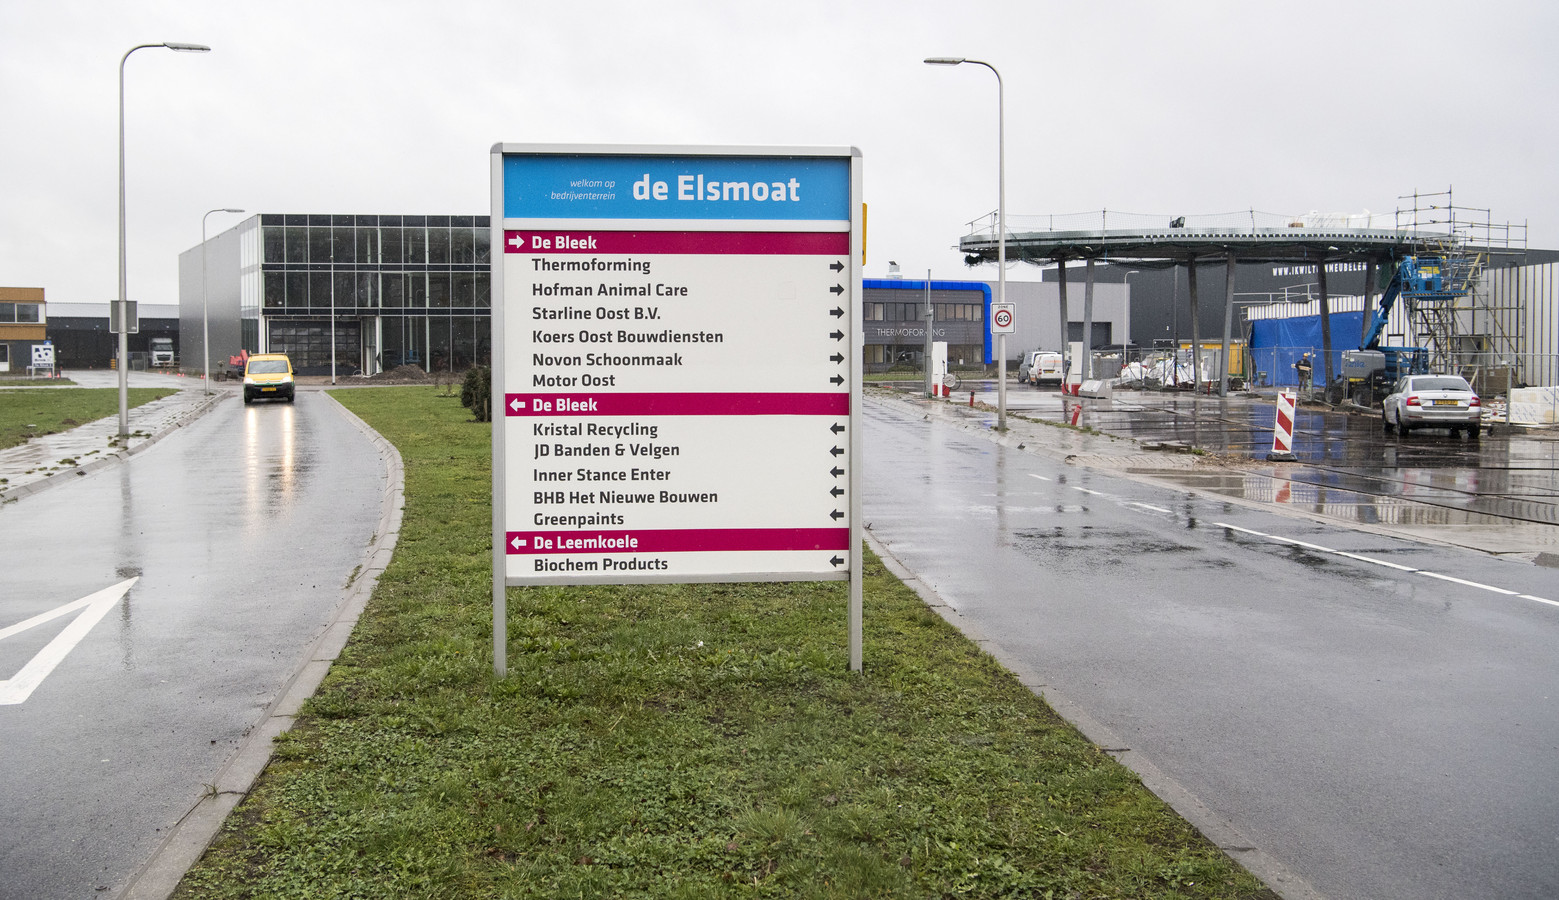 De gemeente Wierden wil alleen nieuwbouw toestaan op de bestaande bedrijventerreinen bij Enter, zoals De Elsmoat.